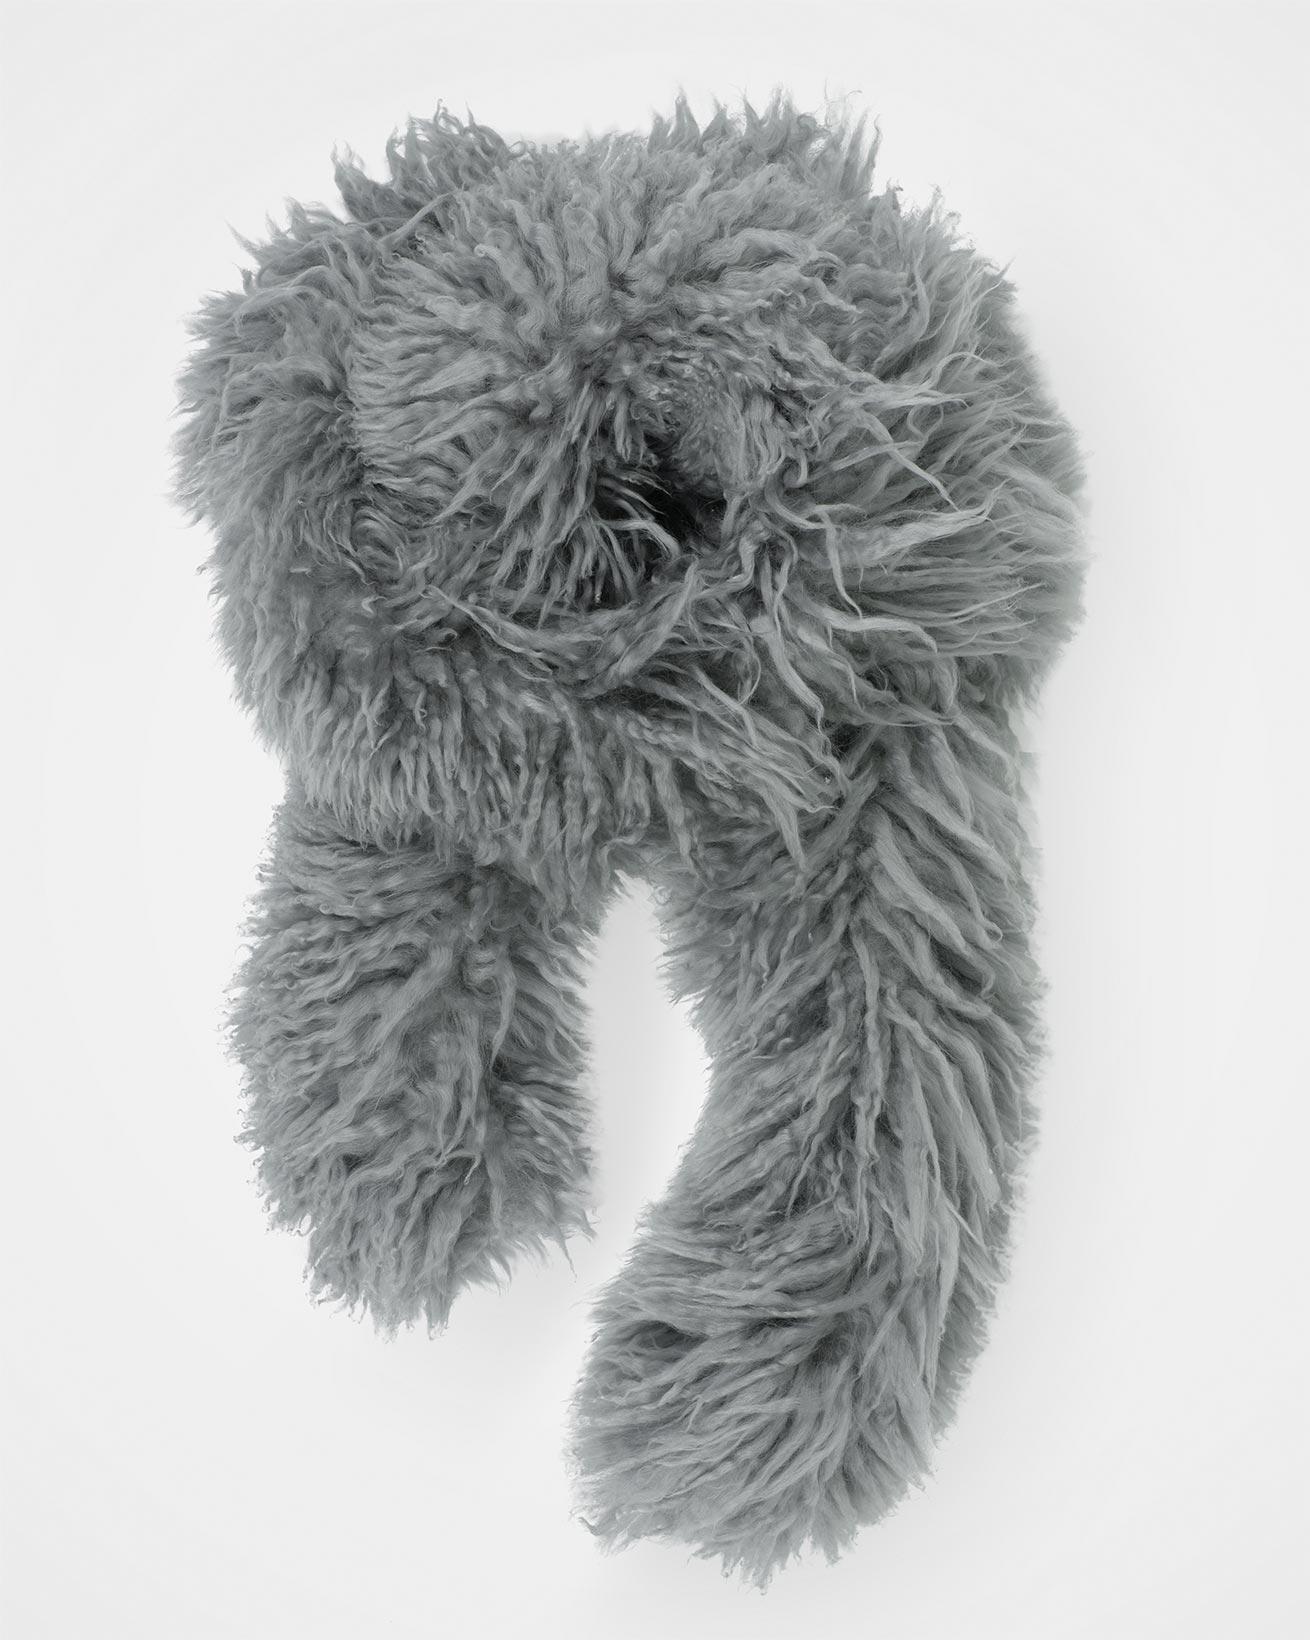 7689_yeti-scarf_silver-grey_swirl.jpg